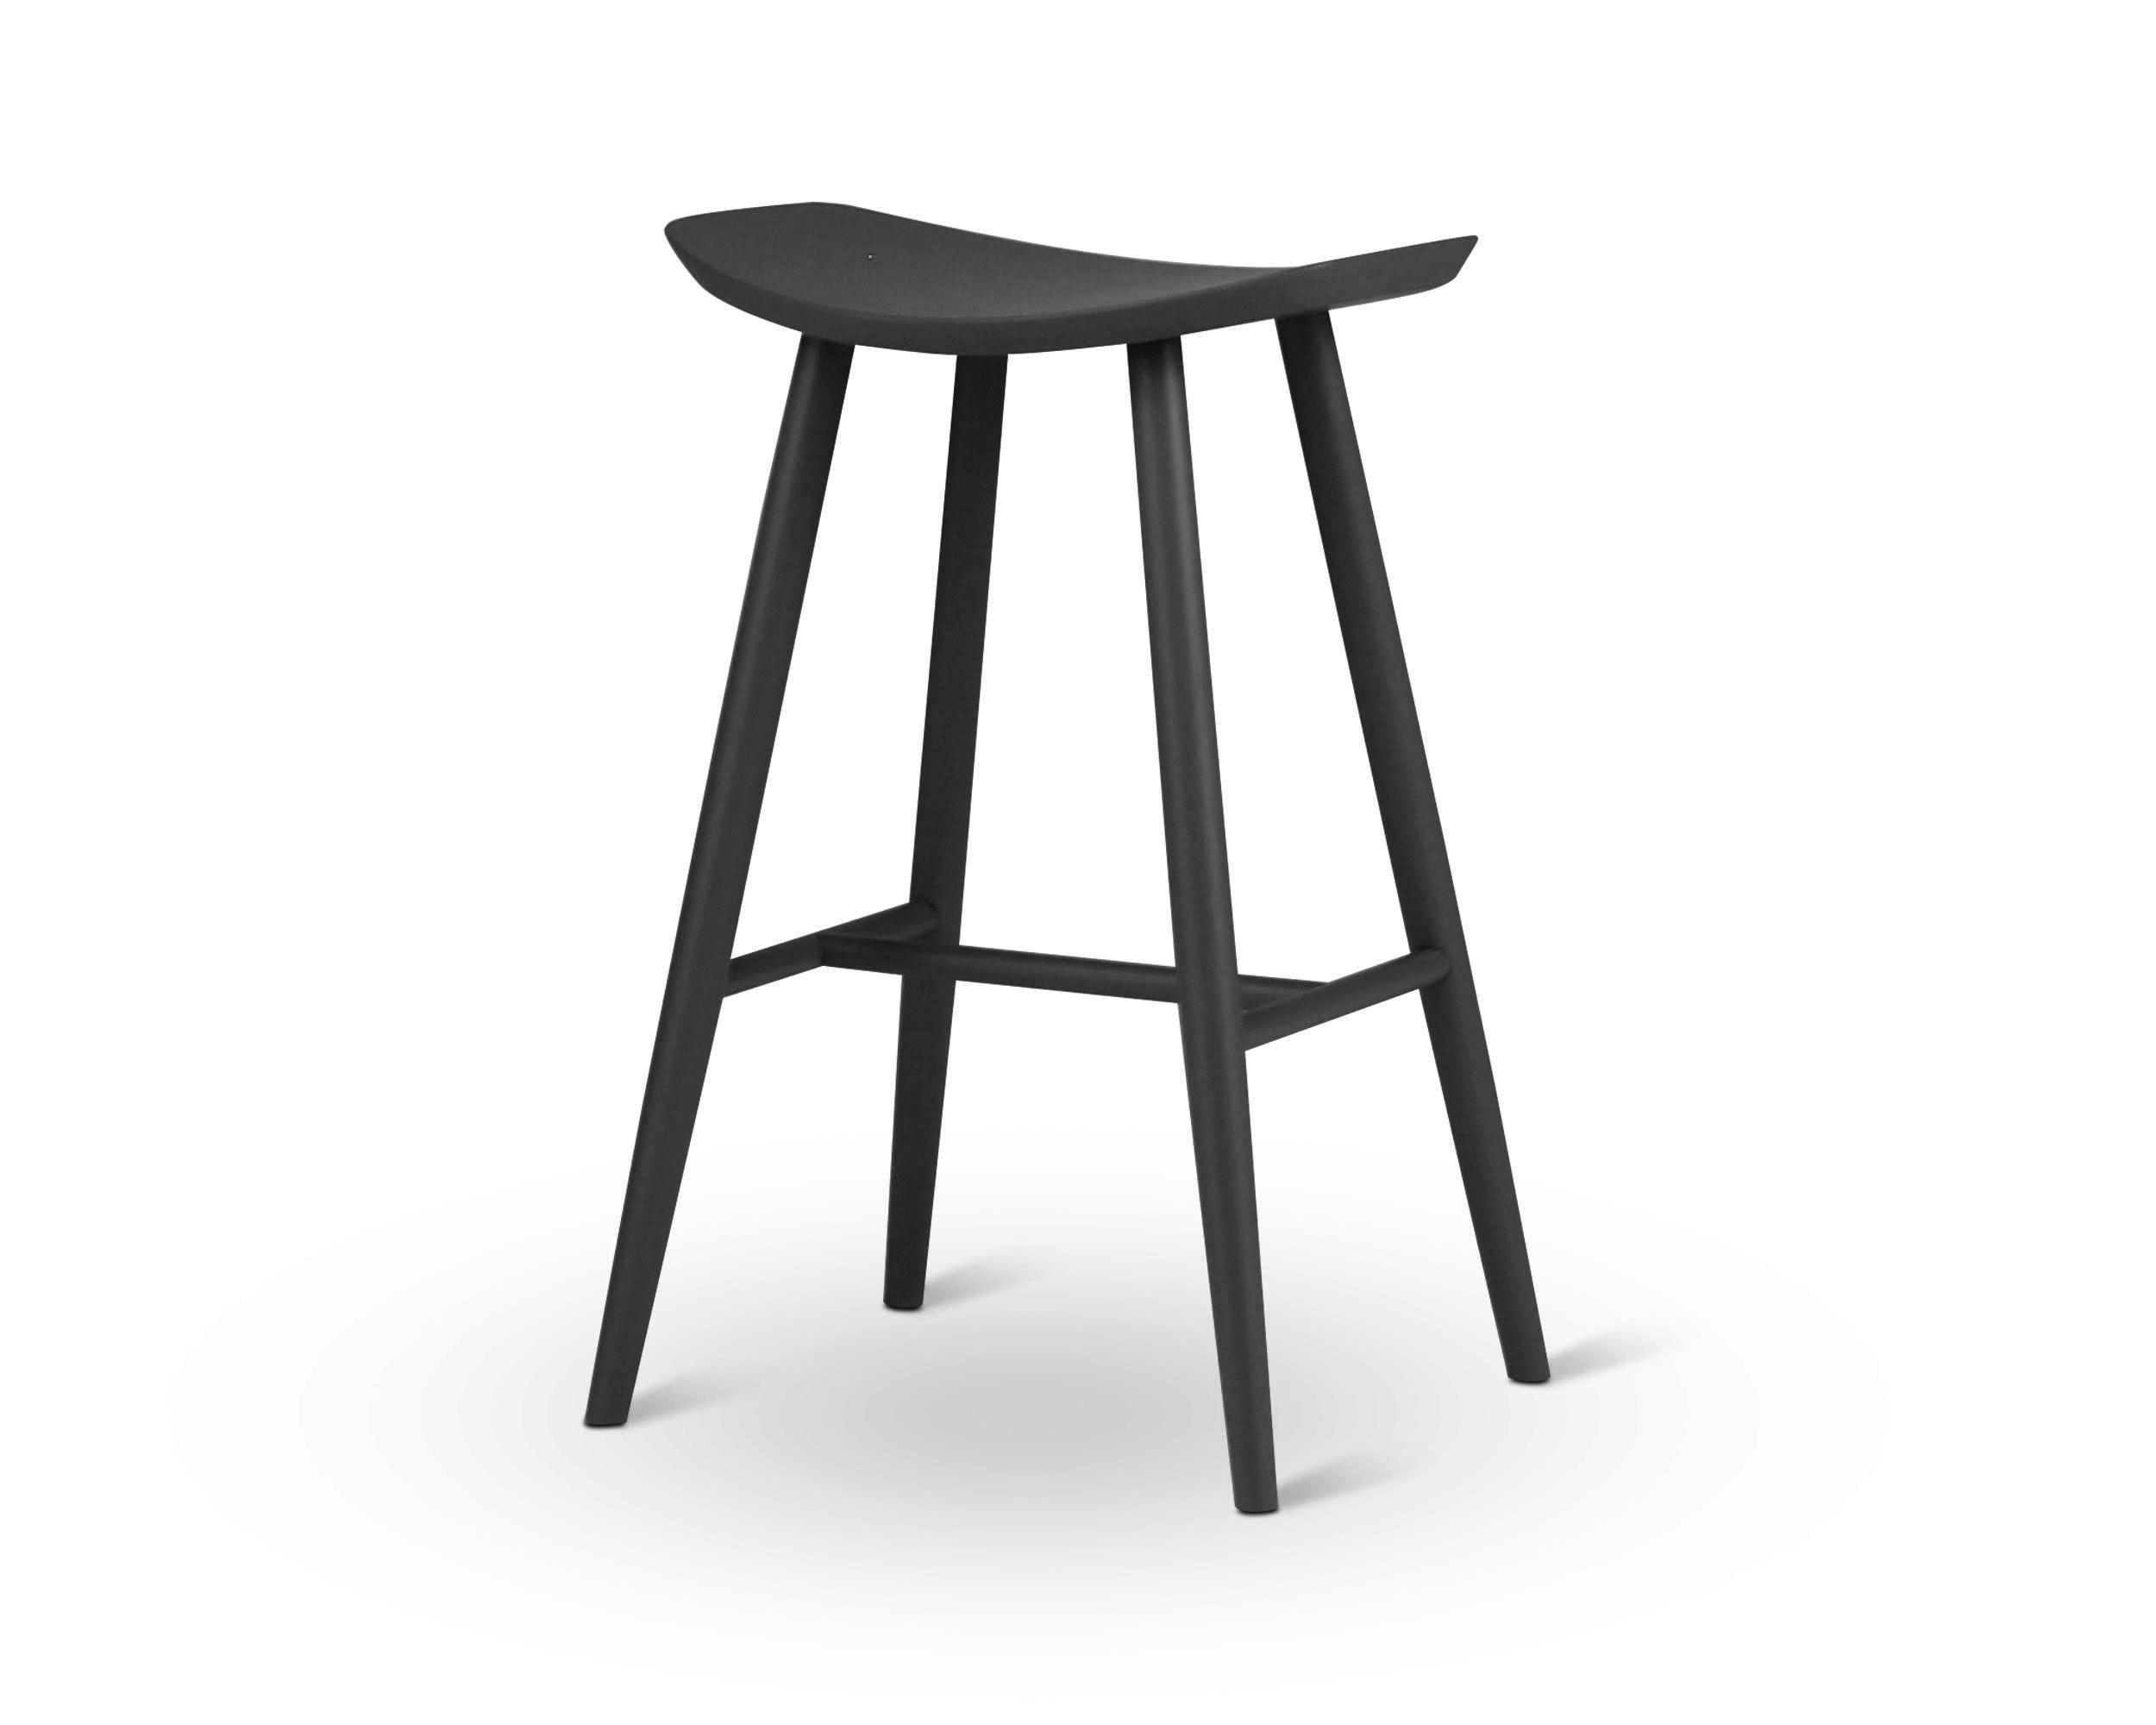 Schwarze Bar Hocker Welche Höhe Sie Wählen Sollten Möbel Und Dekore